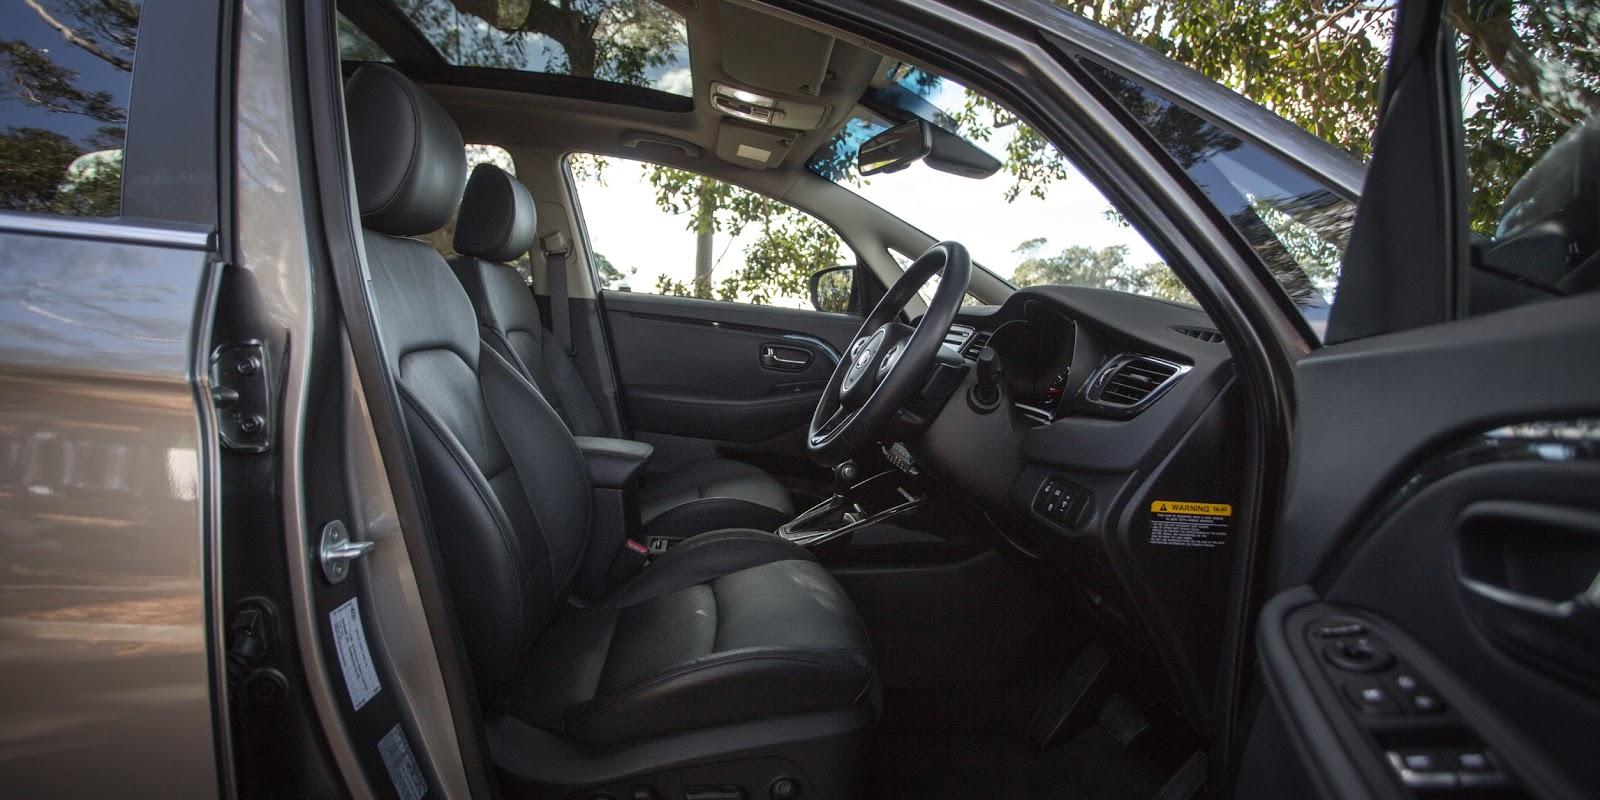 Ghế bọc da rộng rãi, có chỉnh điện, thông gió, cửa sổ trời